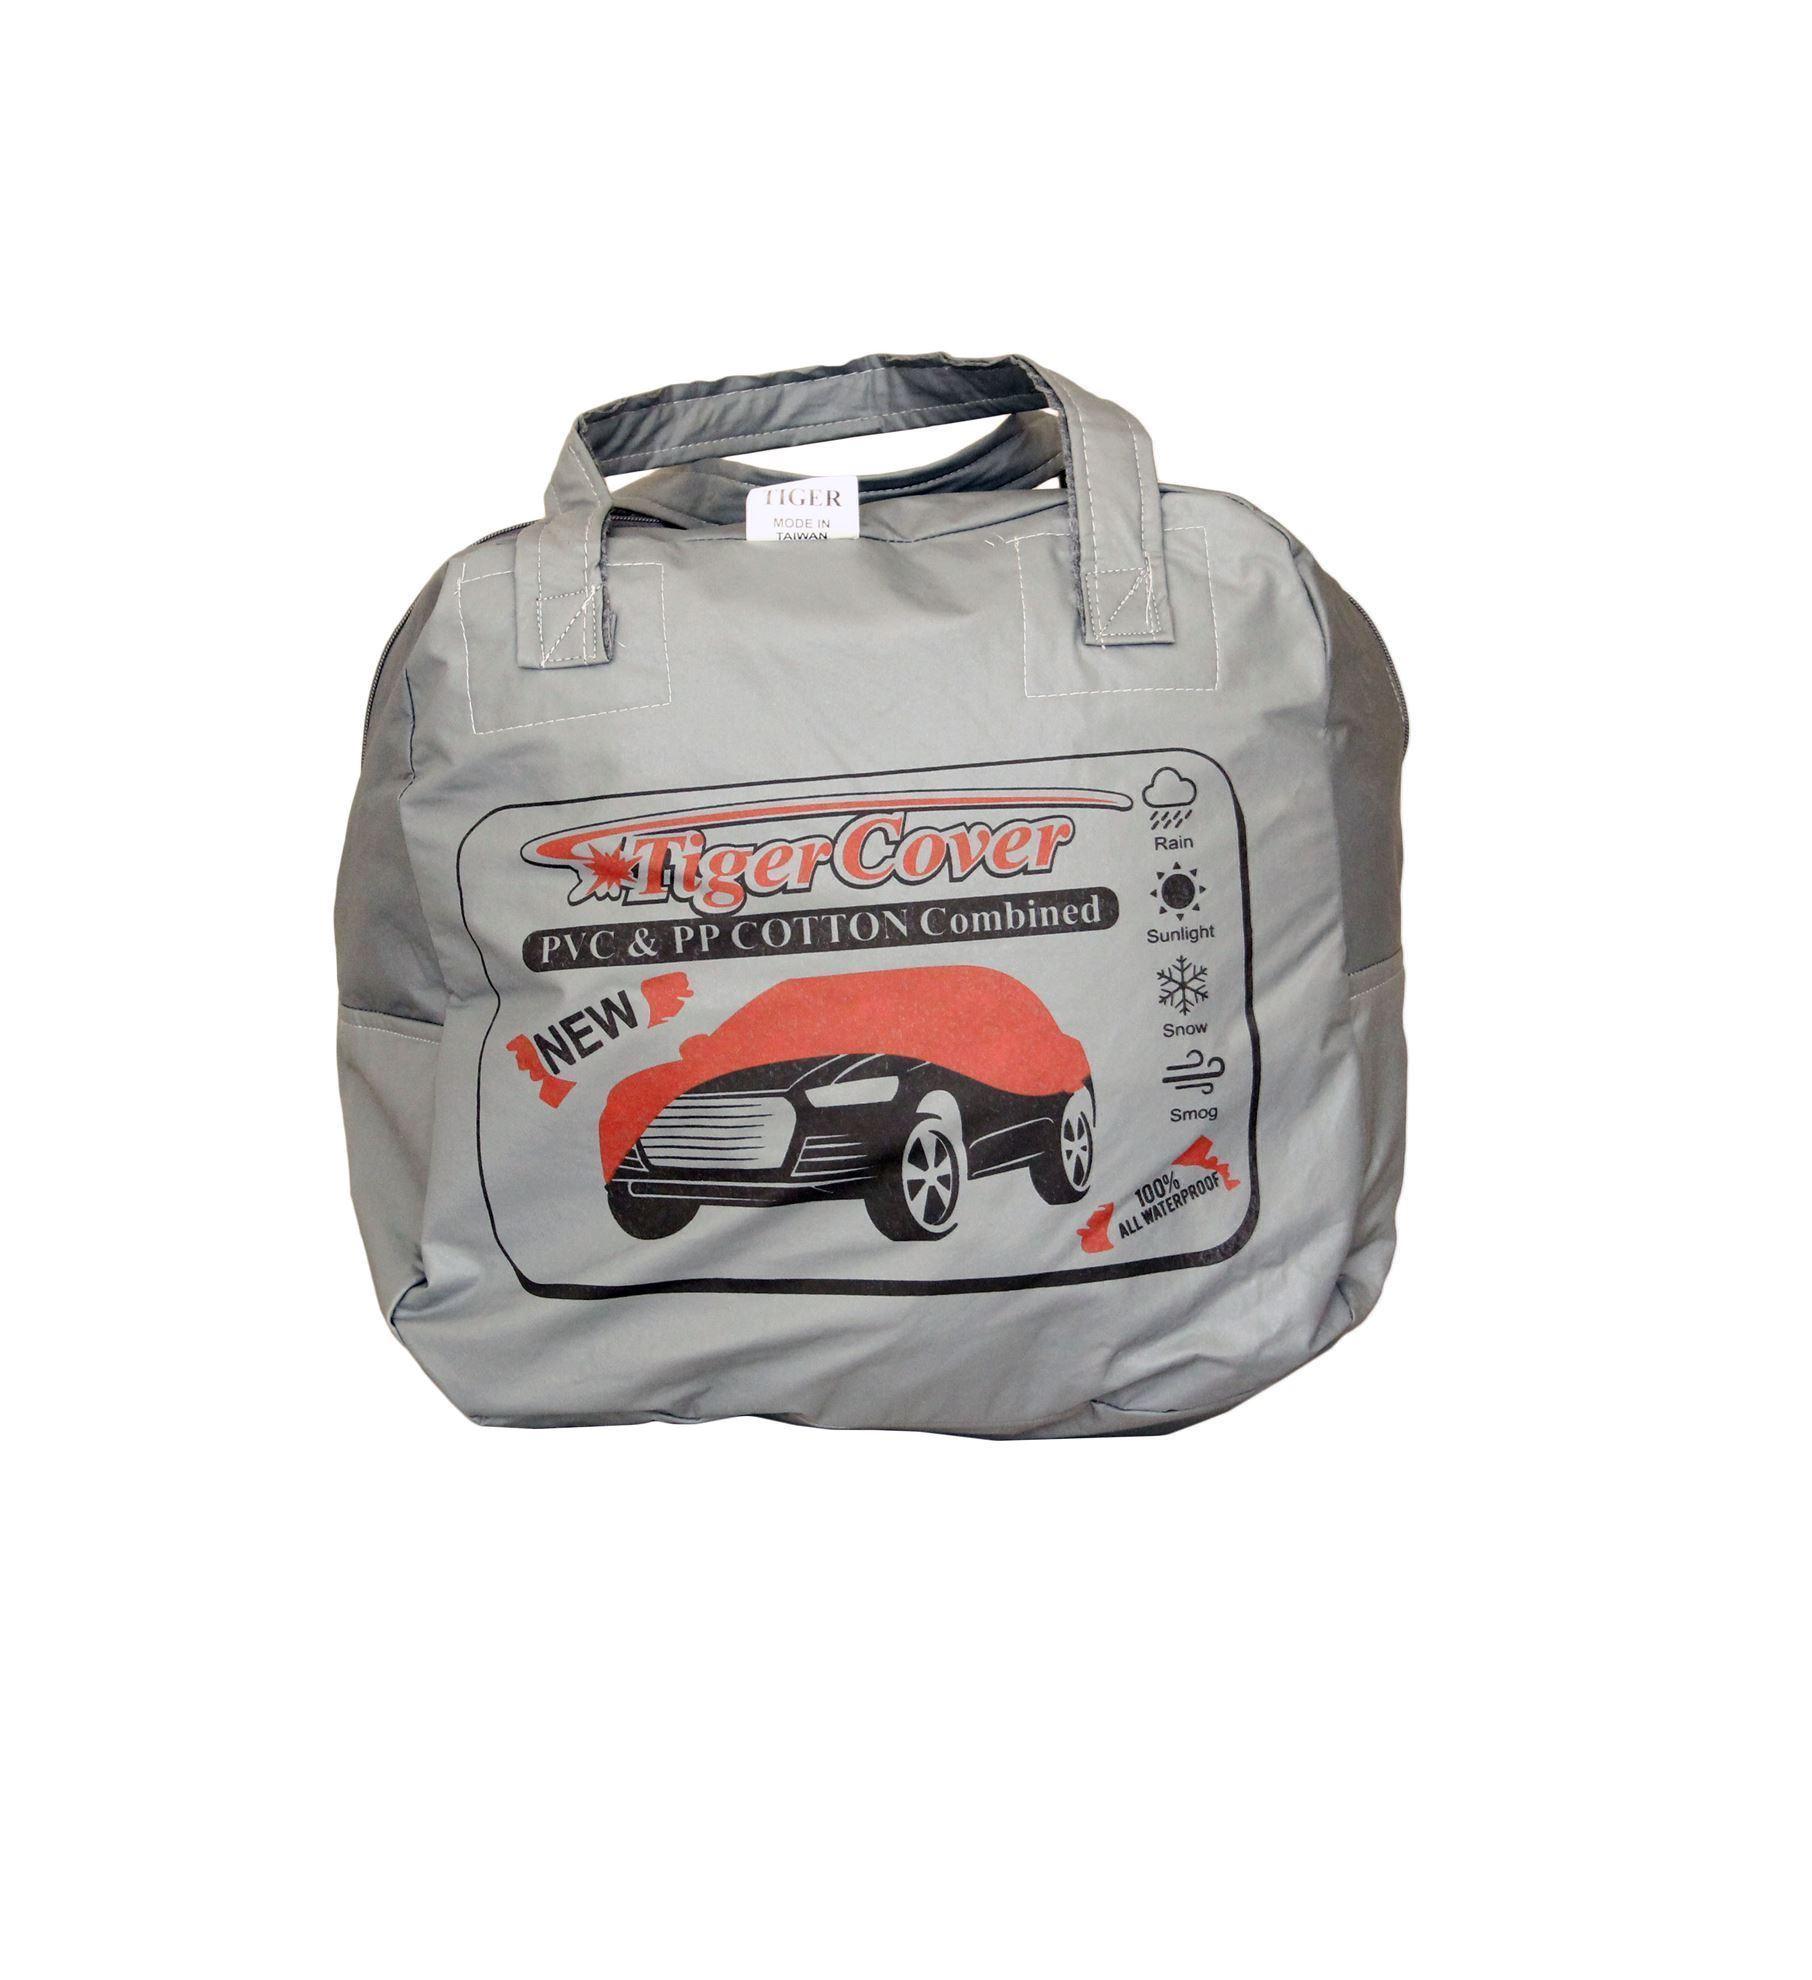 تصویر روکش خودرو مدل Tc d مناسب برای آزرا گرنجور،تیانا،سوناتا Yf،سوناتا Lf،ماکسیما